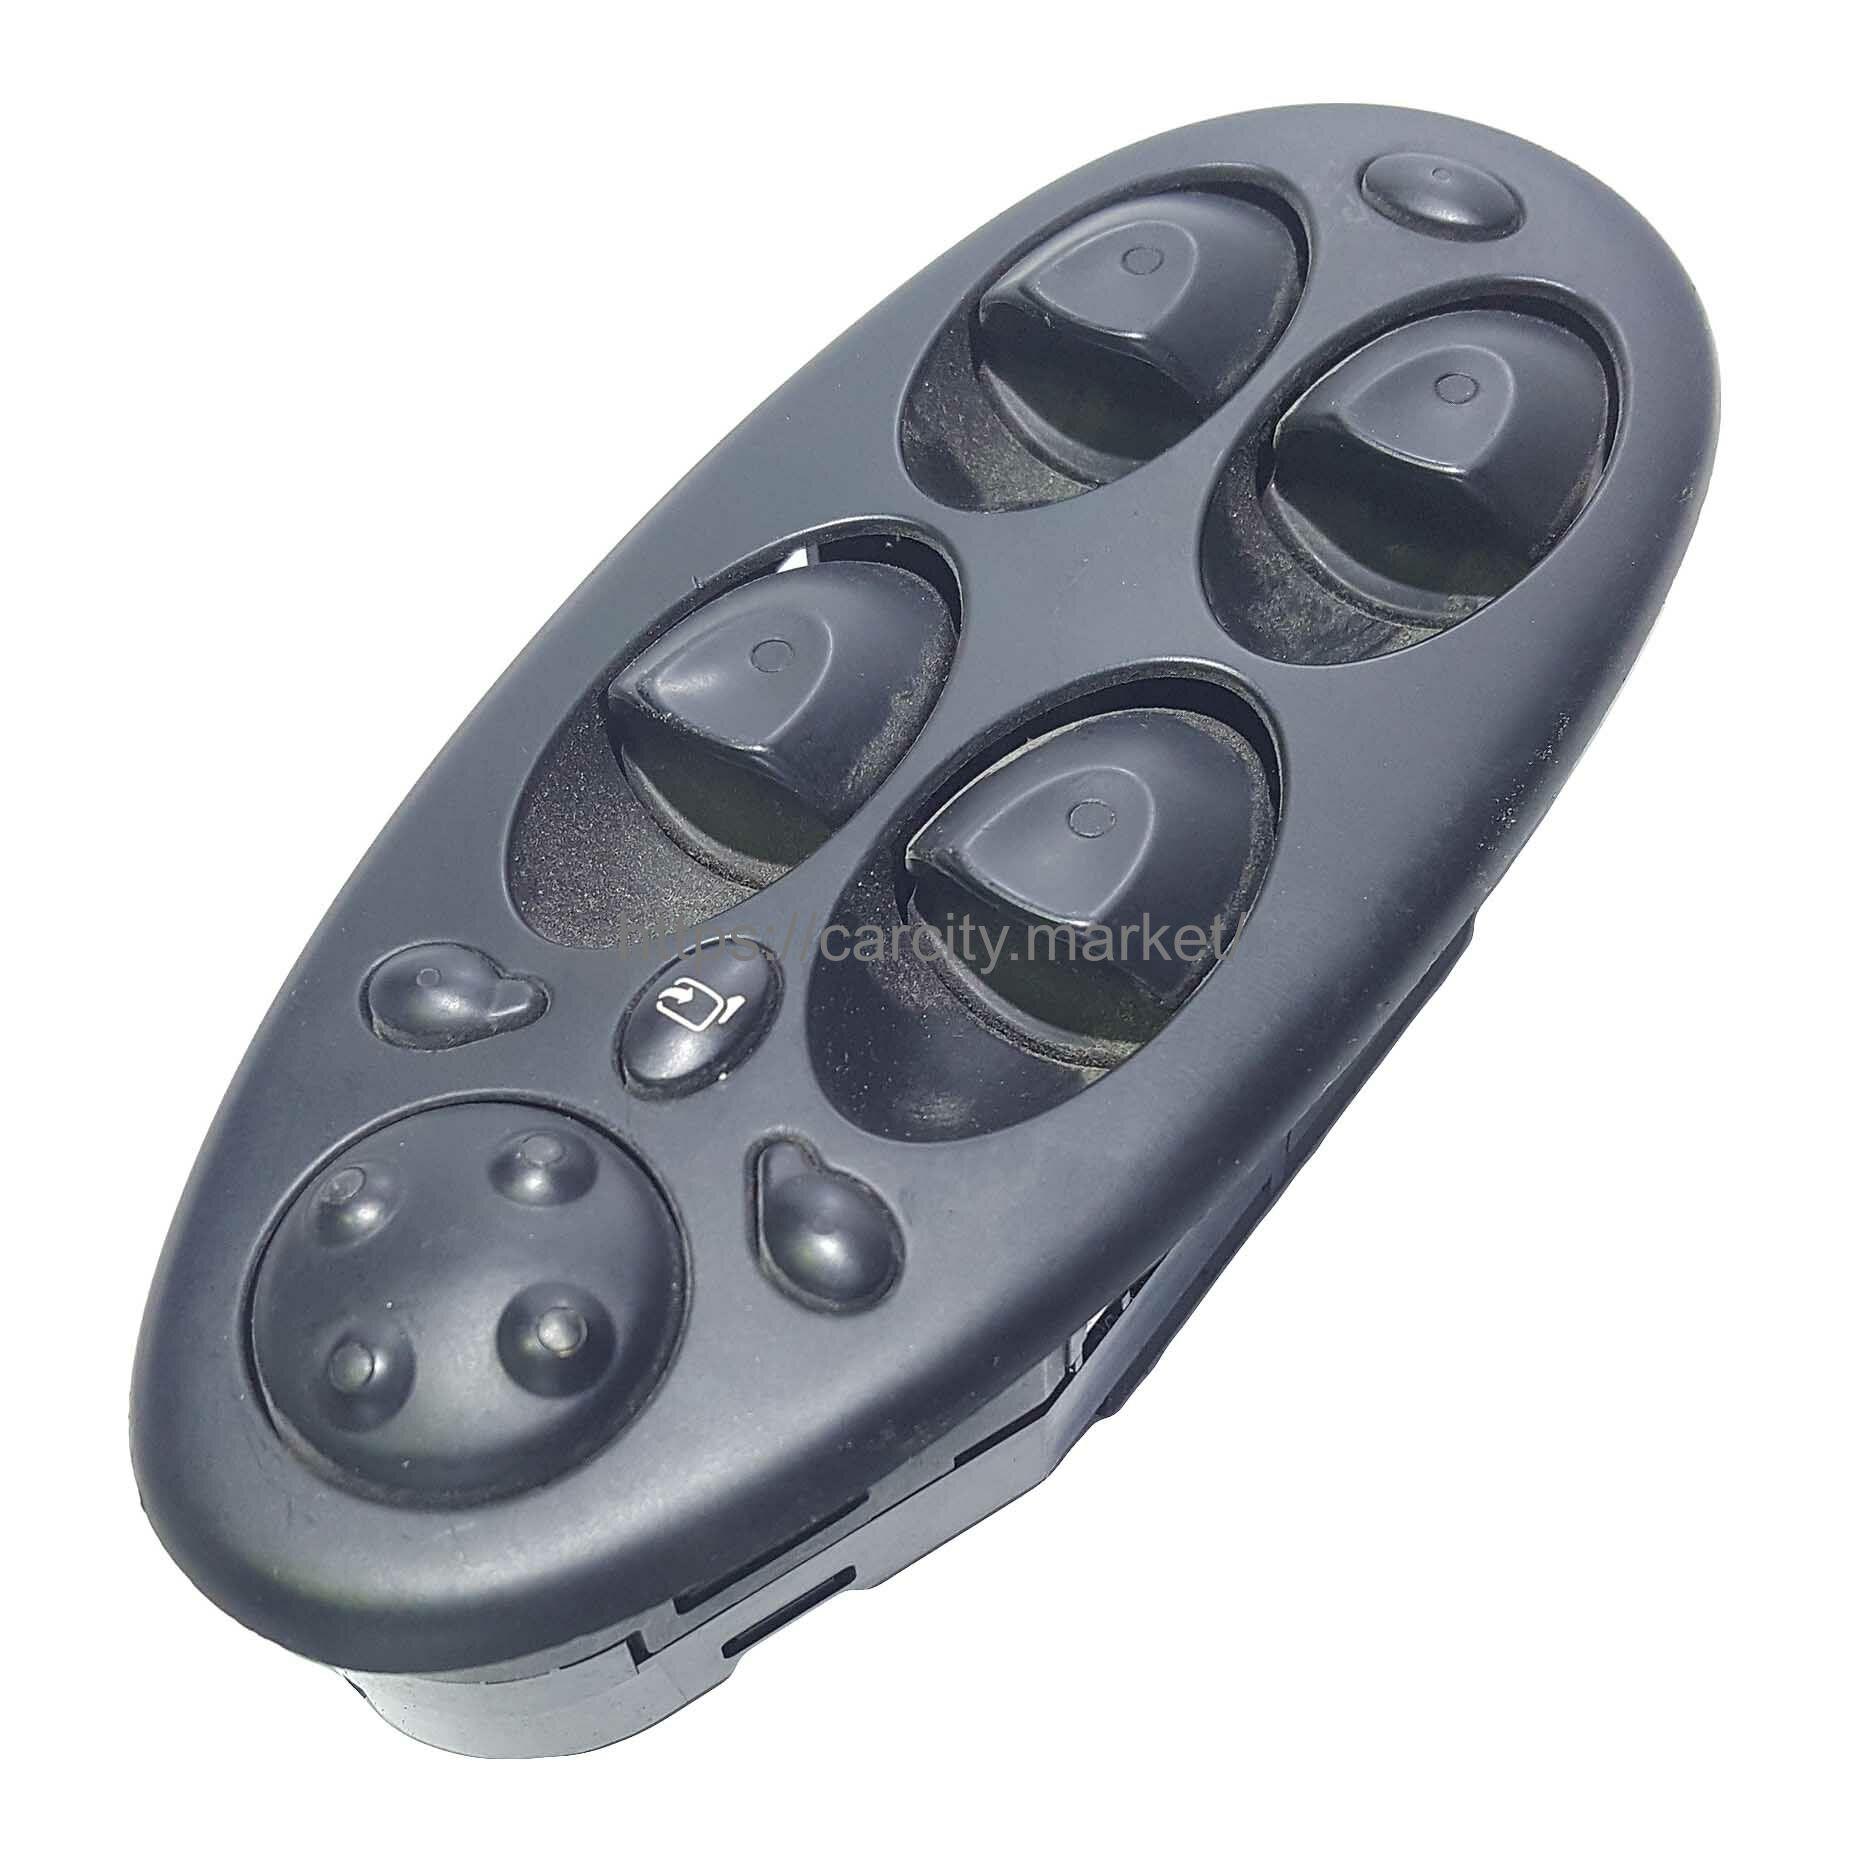 Кнопки стеклоподъемников Rover75 купить в Карсти Маркет